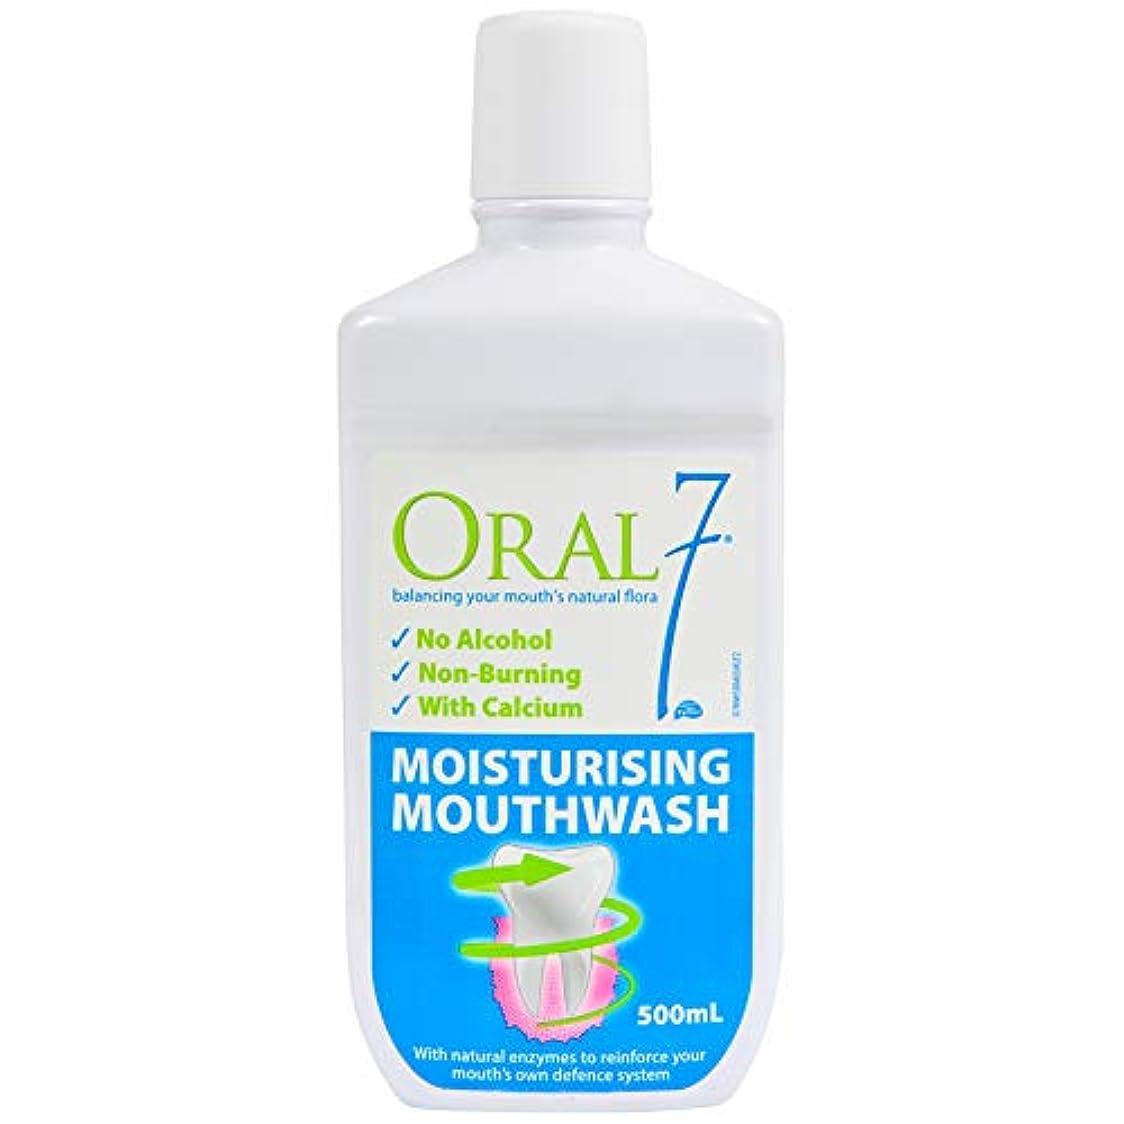 オーラル7 モイスチャライジングマウスウォッシュ 500ml 4種の天然酵素配合!口腔内保湿マウスウォッシュ お口の乾燥対策に